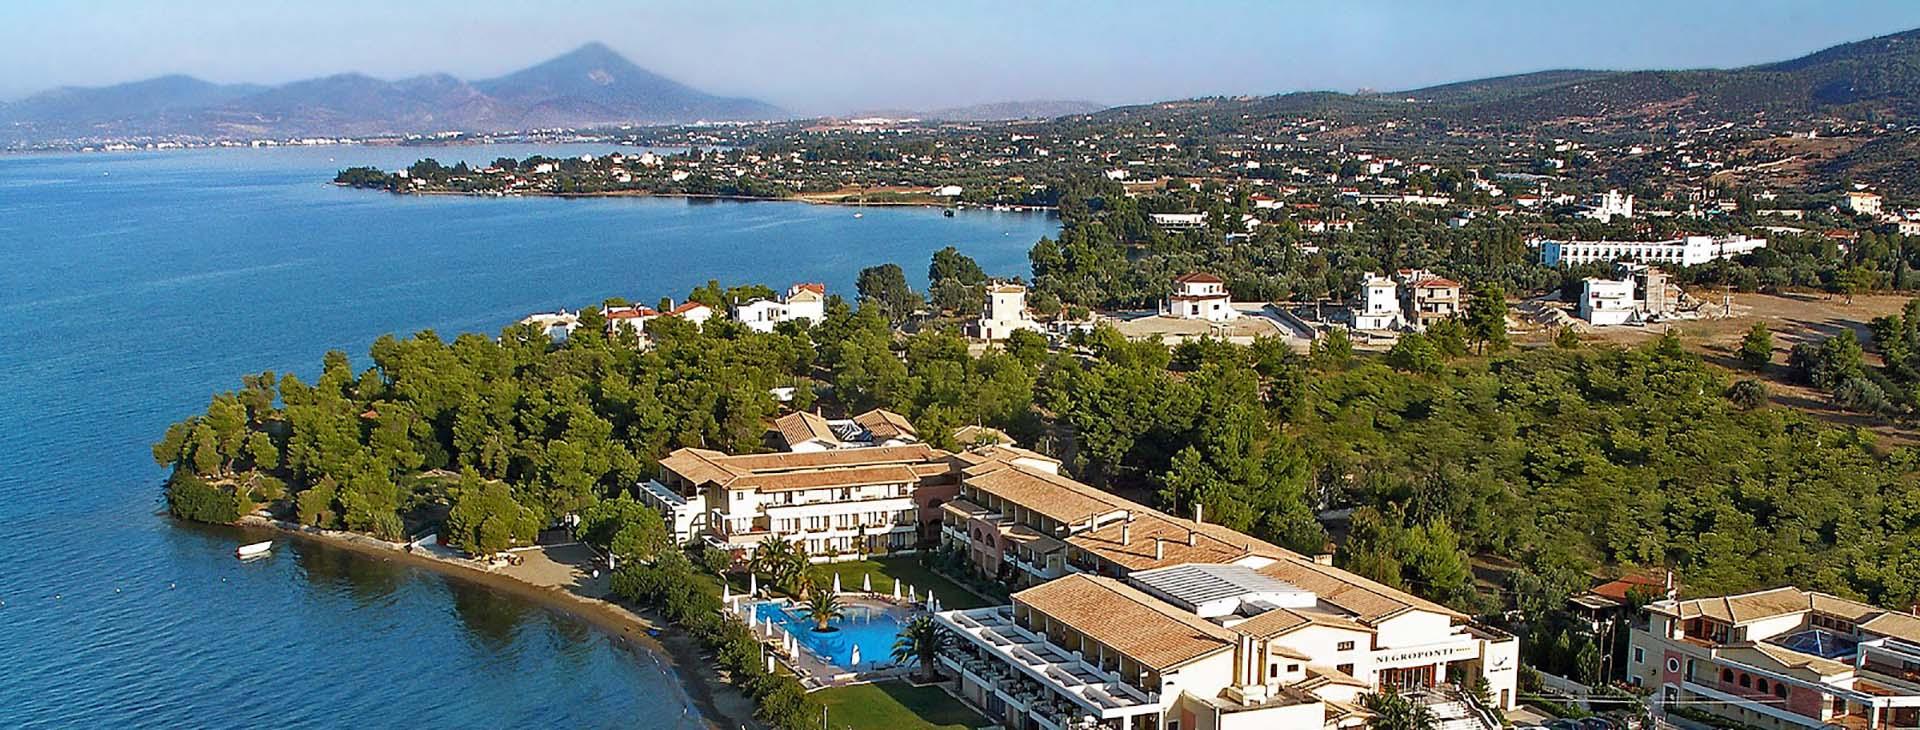 Eretria, Evia